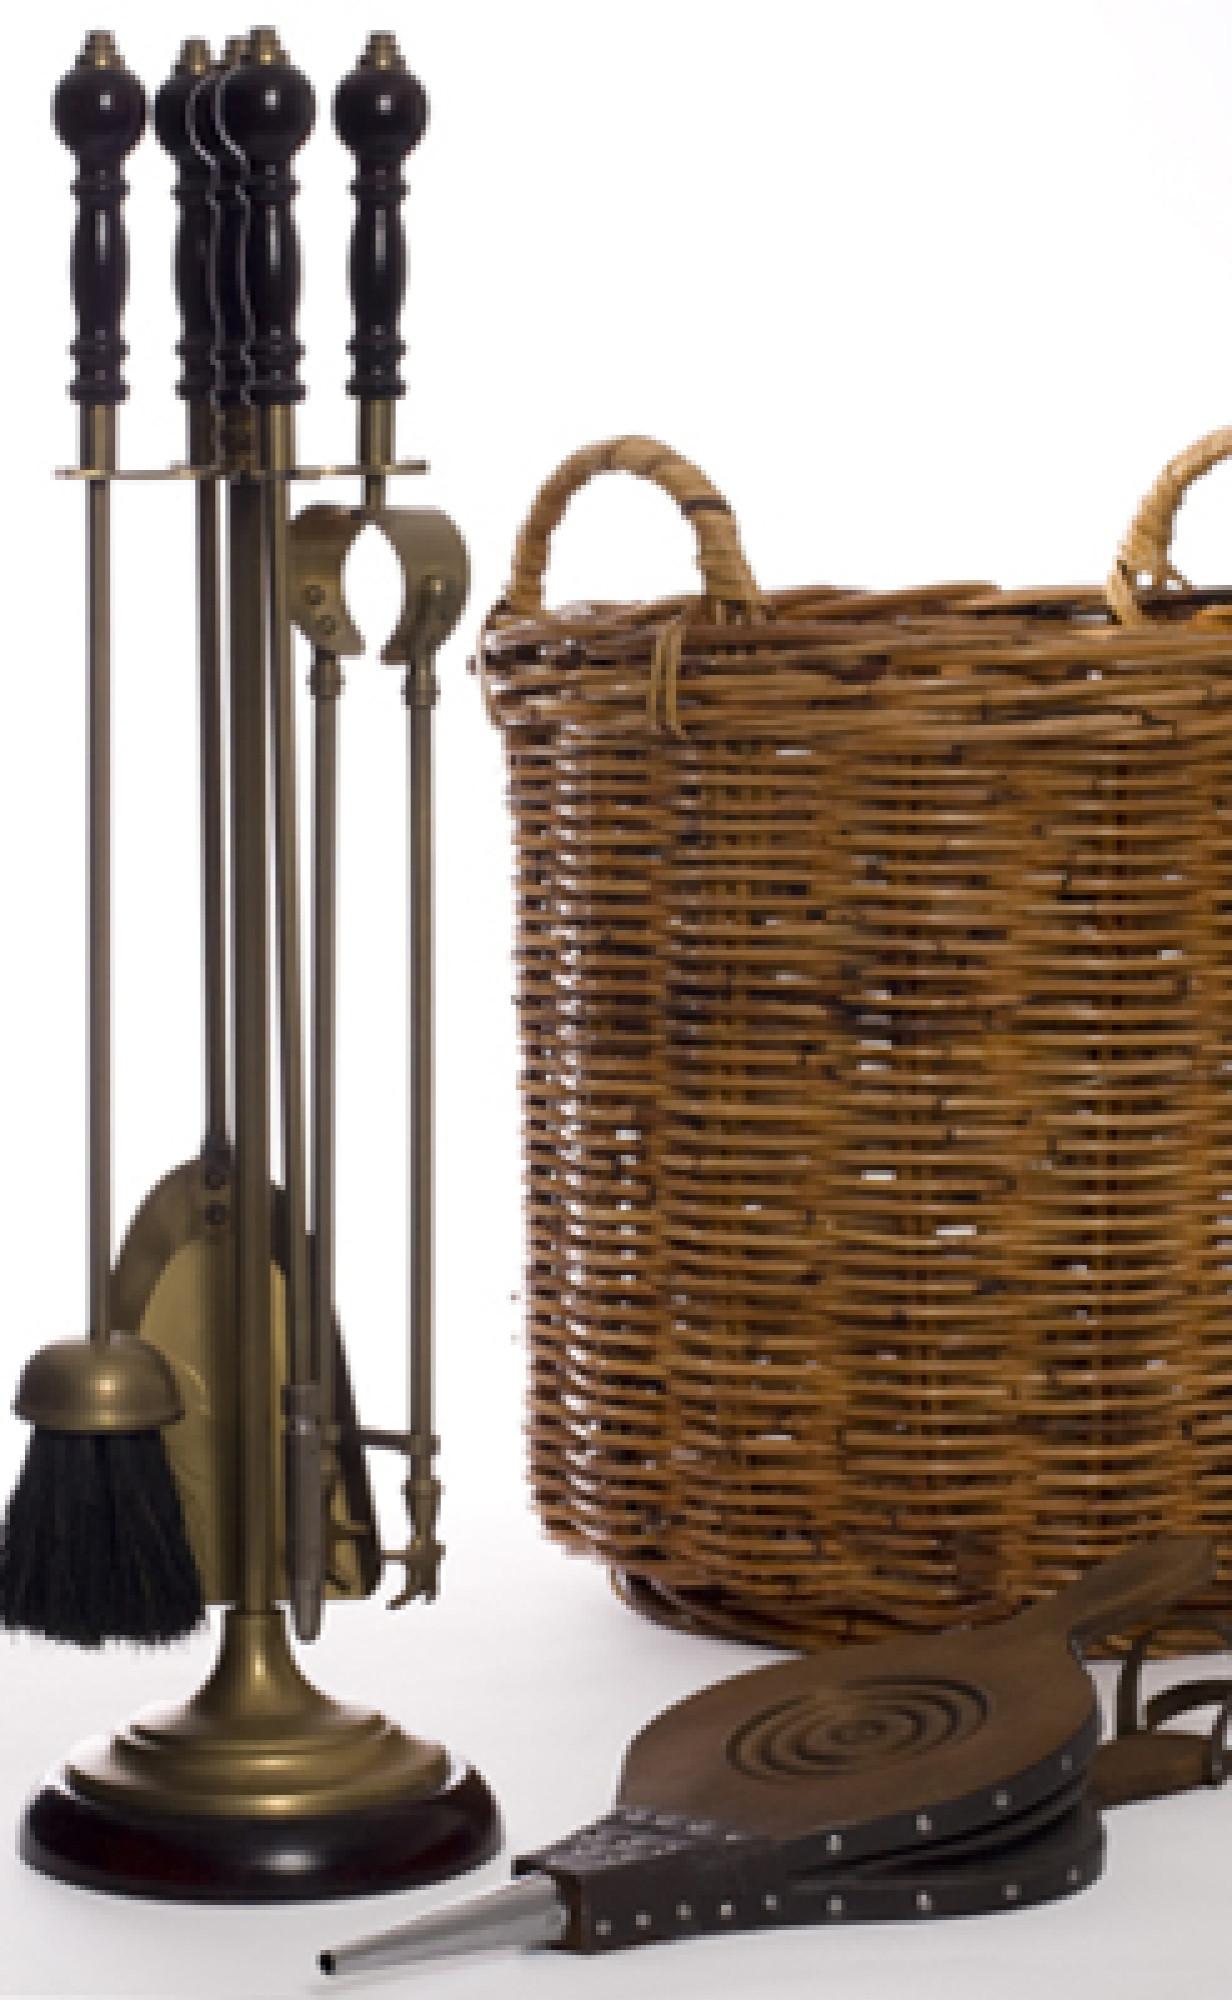 tibas-accessoires-haardstel-blaasbalg-rieten-houtmand